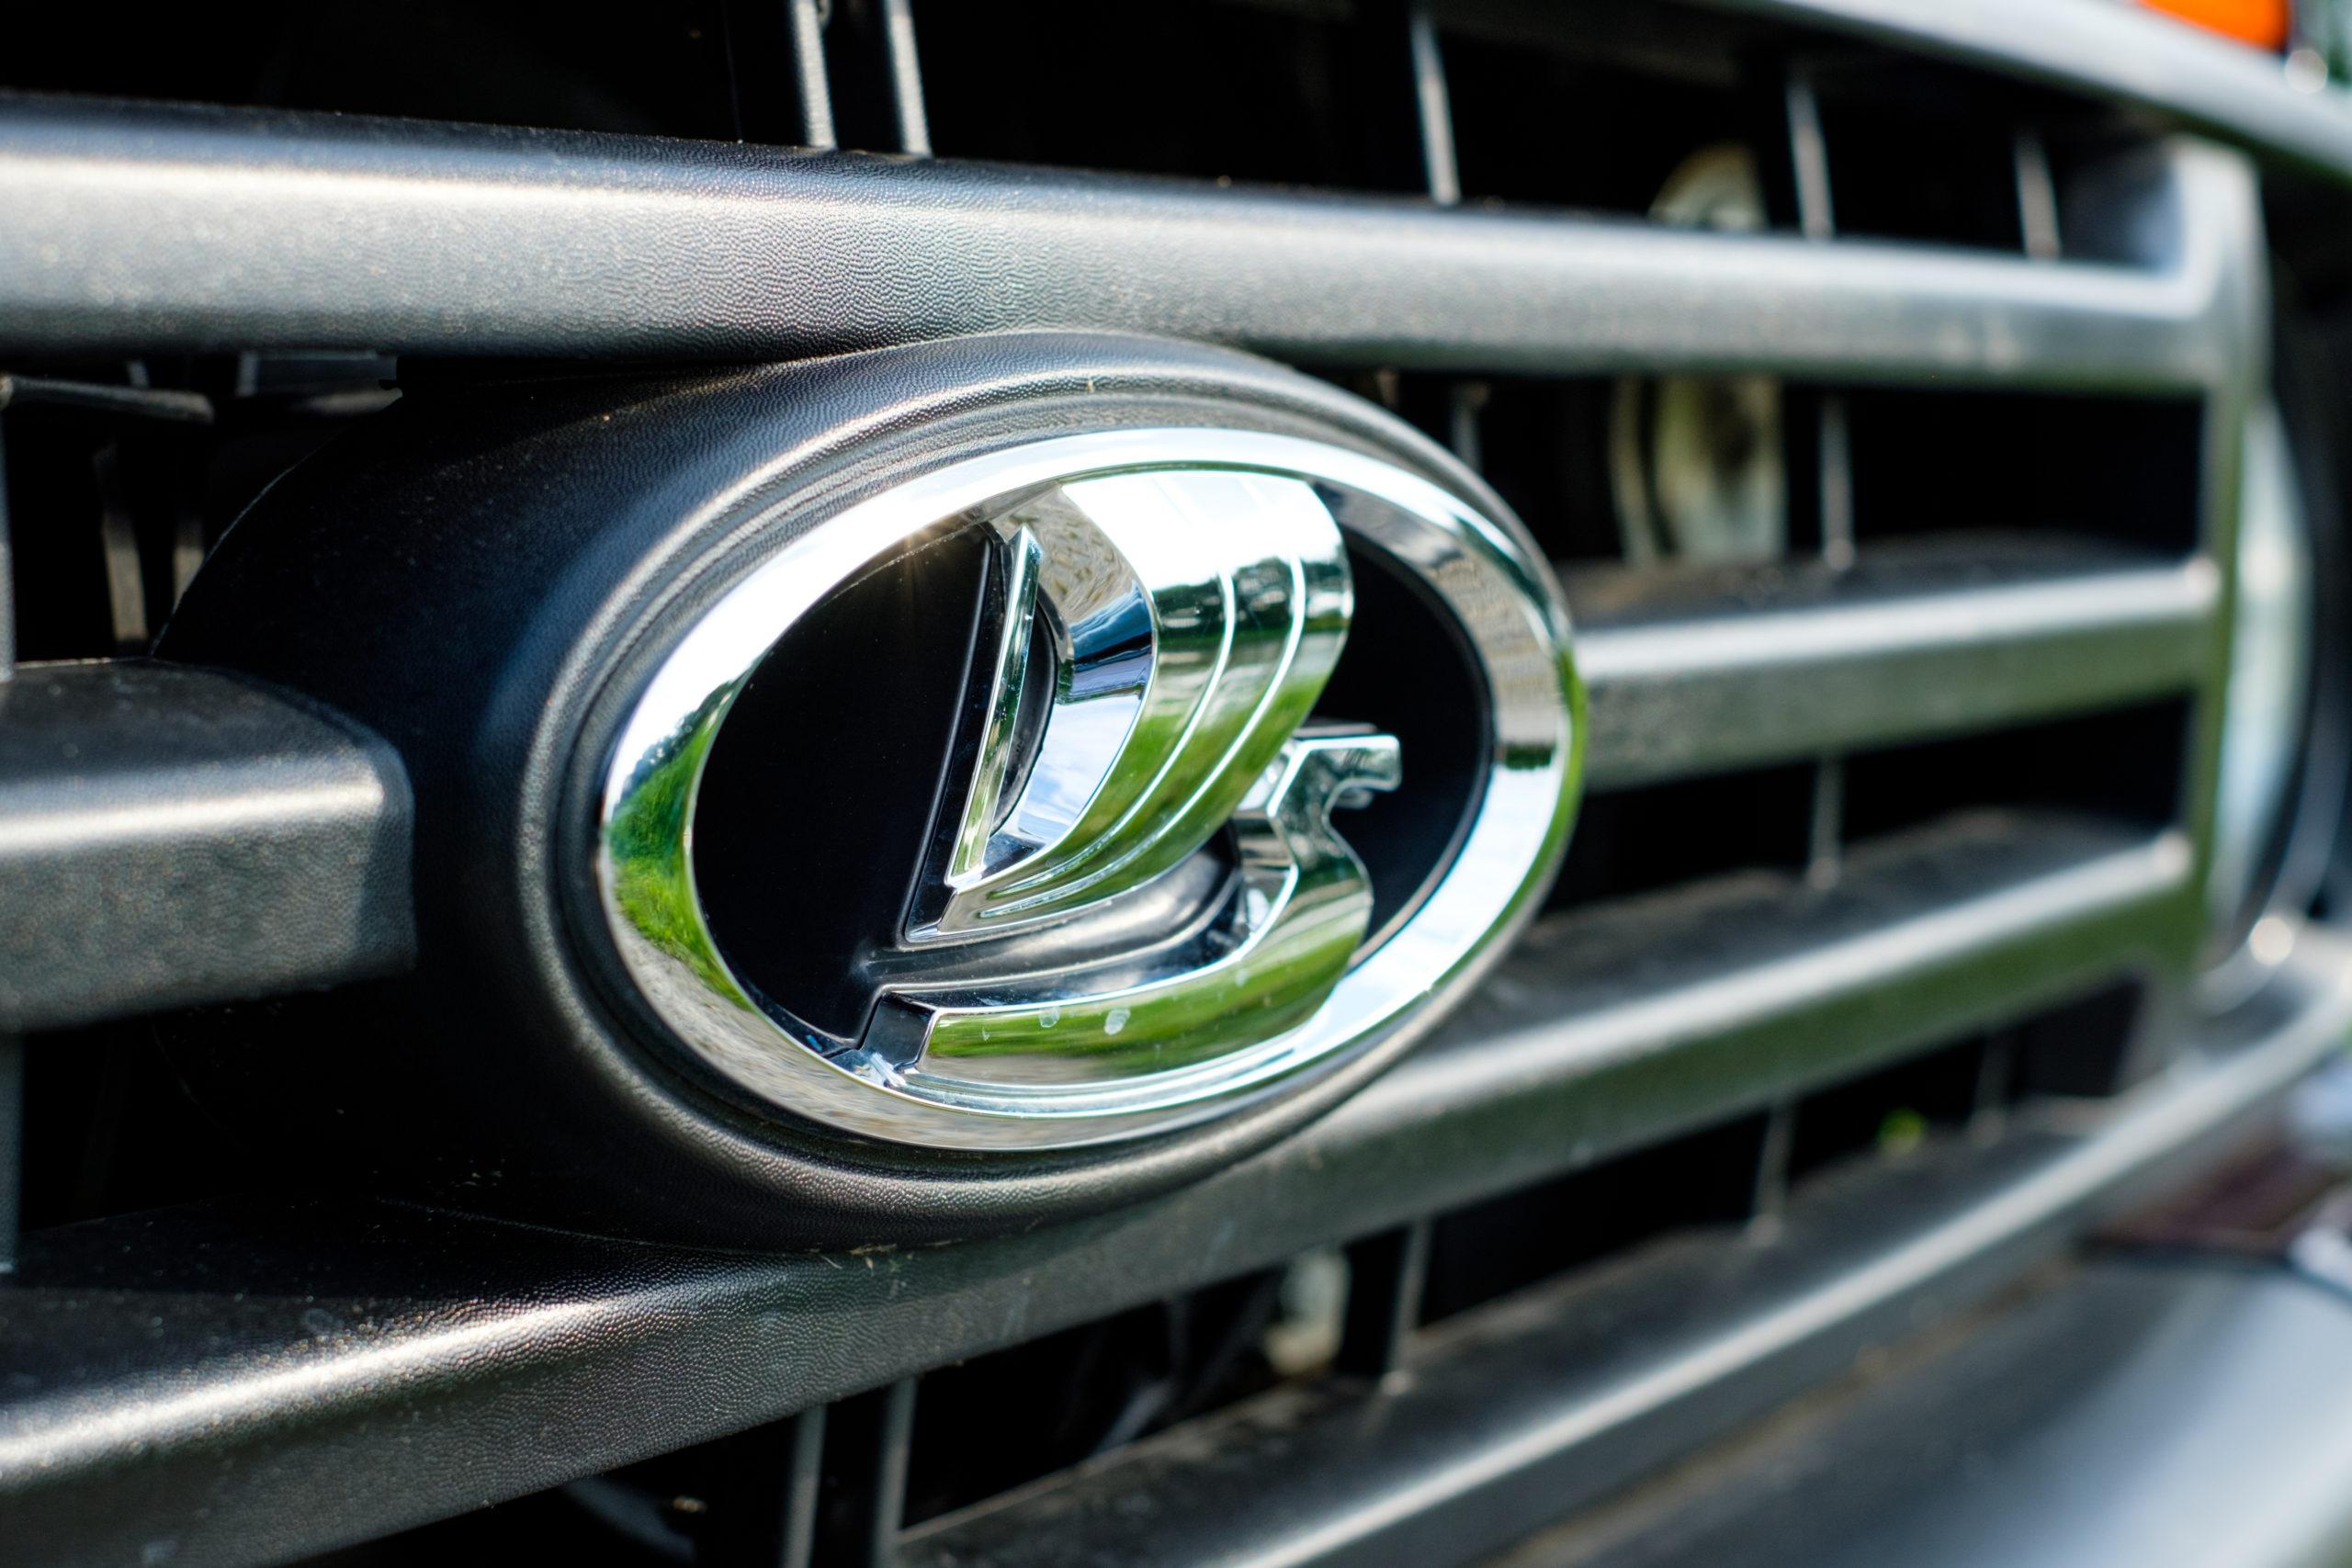 Das Lada Logo repräsentiert ein Wikinger-Segelschiff